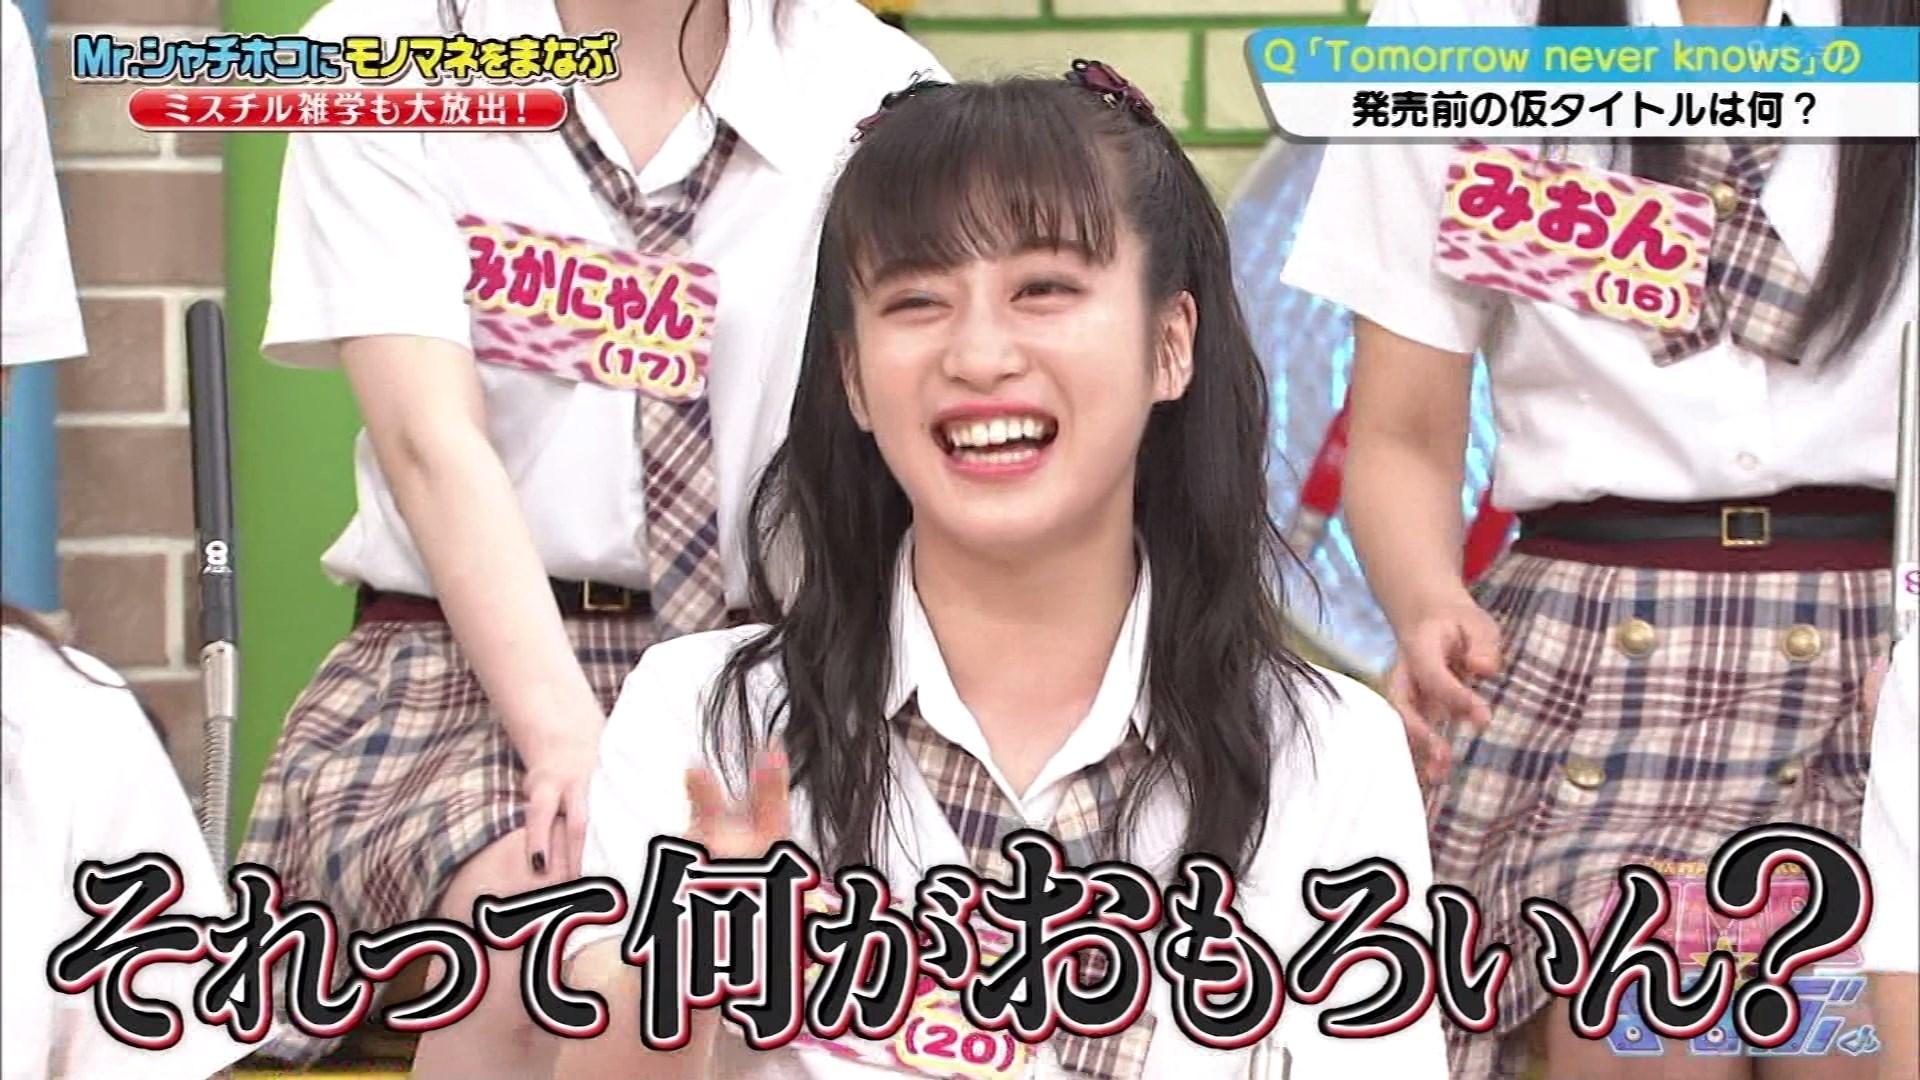 【NMB48】9月20日放送「NMBとまなぶくん#326」の画像。Mr.シャチホコさんにモノマネをまなぶ